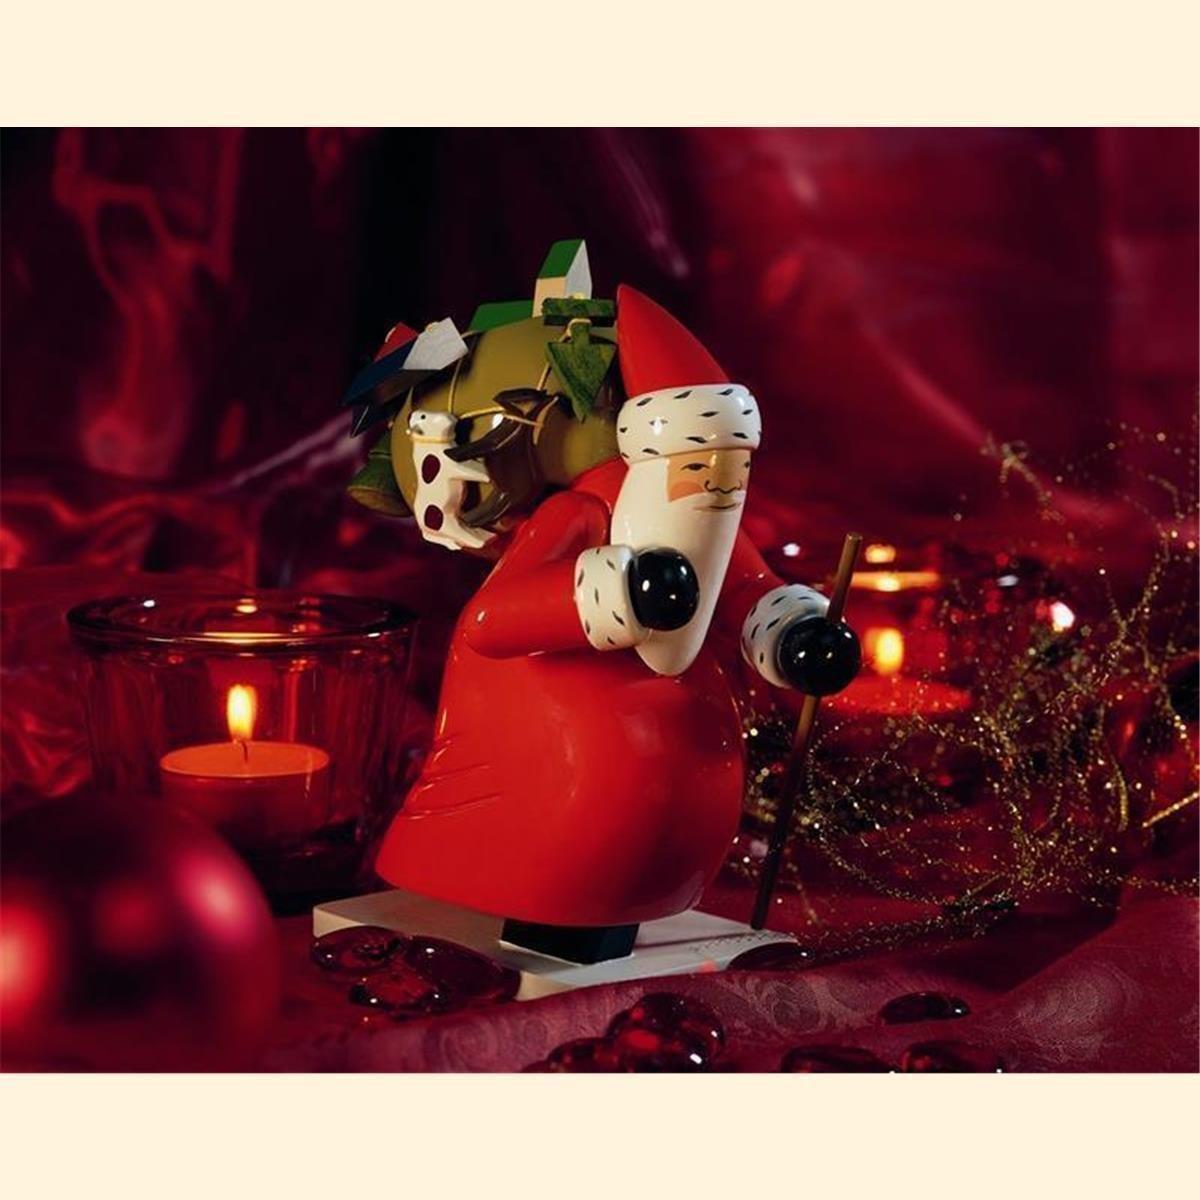 Wendt Und Kühn Weihnachtsbaum.Kunstgewerbe Kitty Original Erzgebirgische Volkskunst